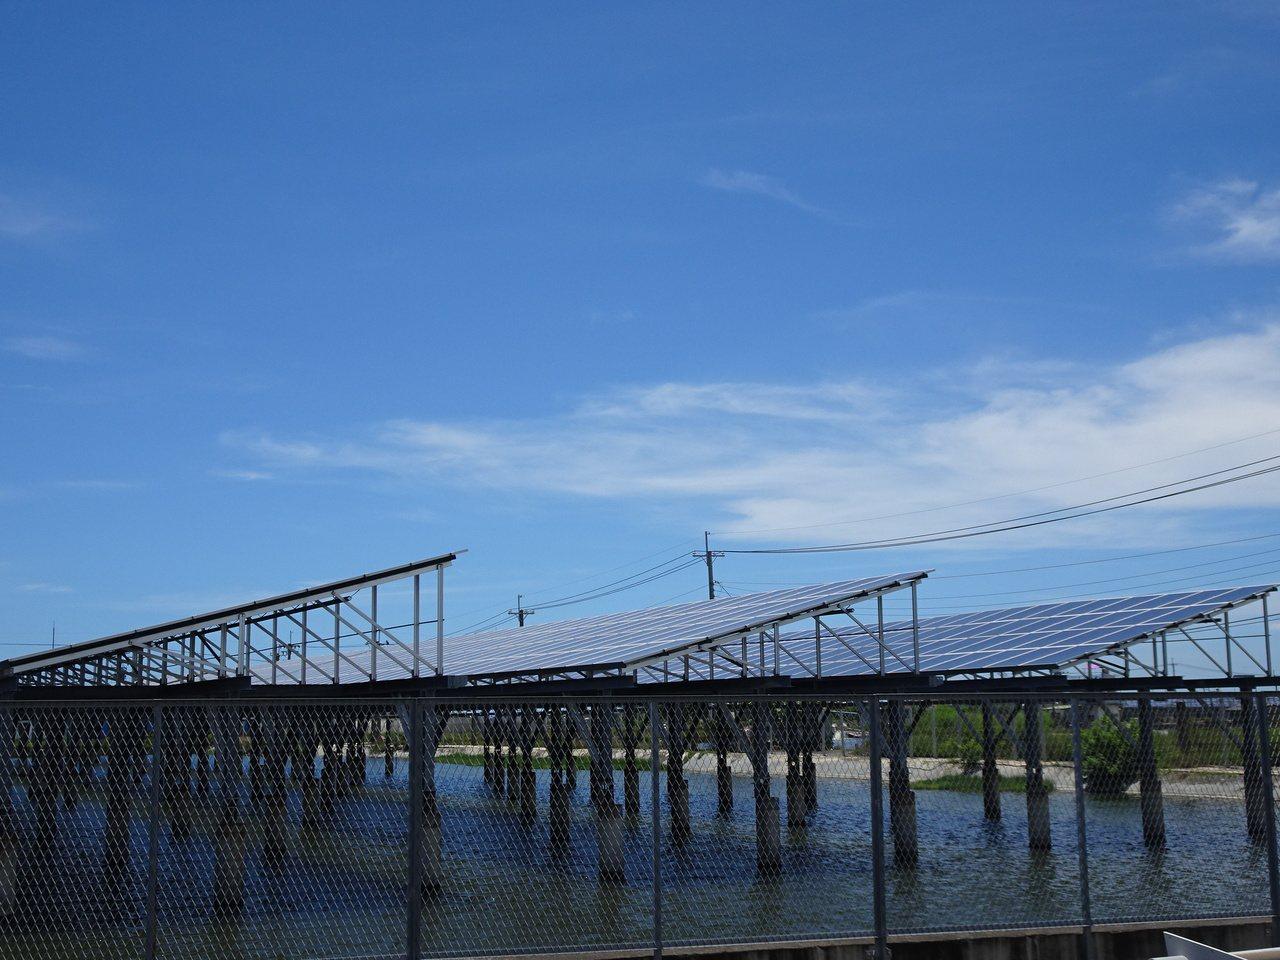 屏東縣近年積極發展綠能,全縣綠能容量已接近200mw。 圖/本報資料照片